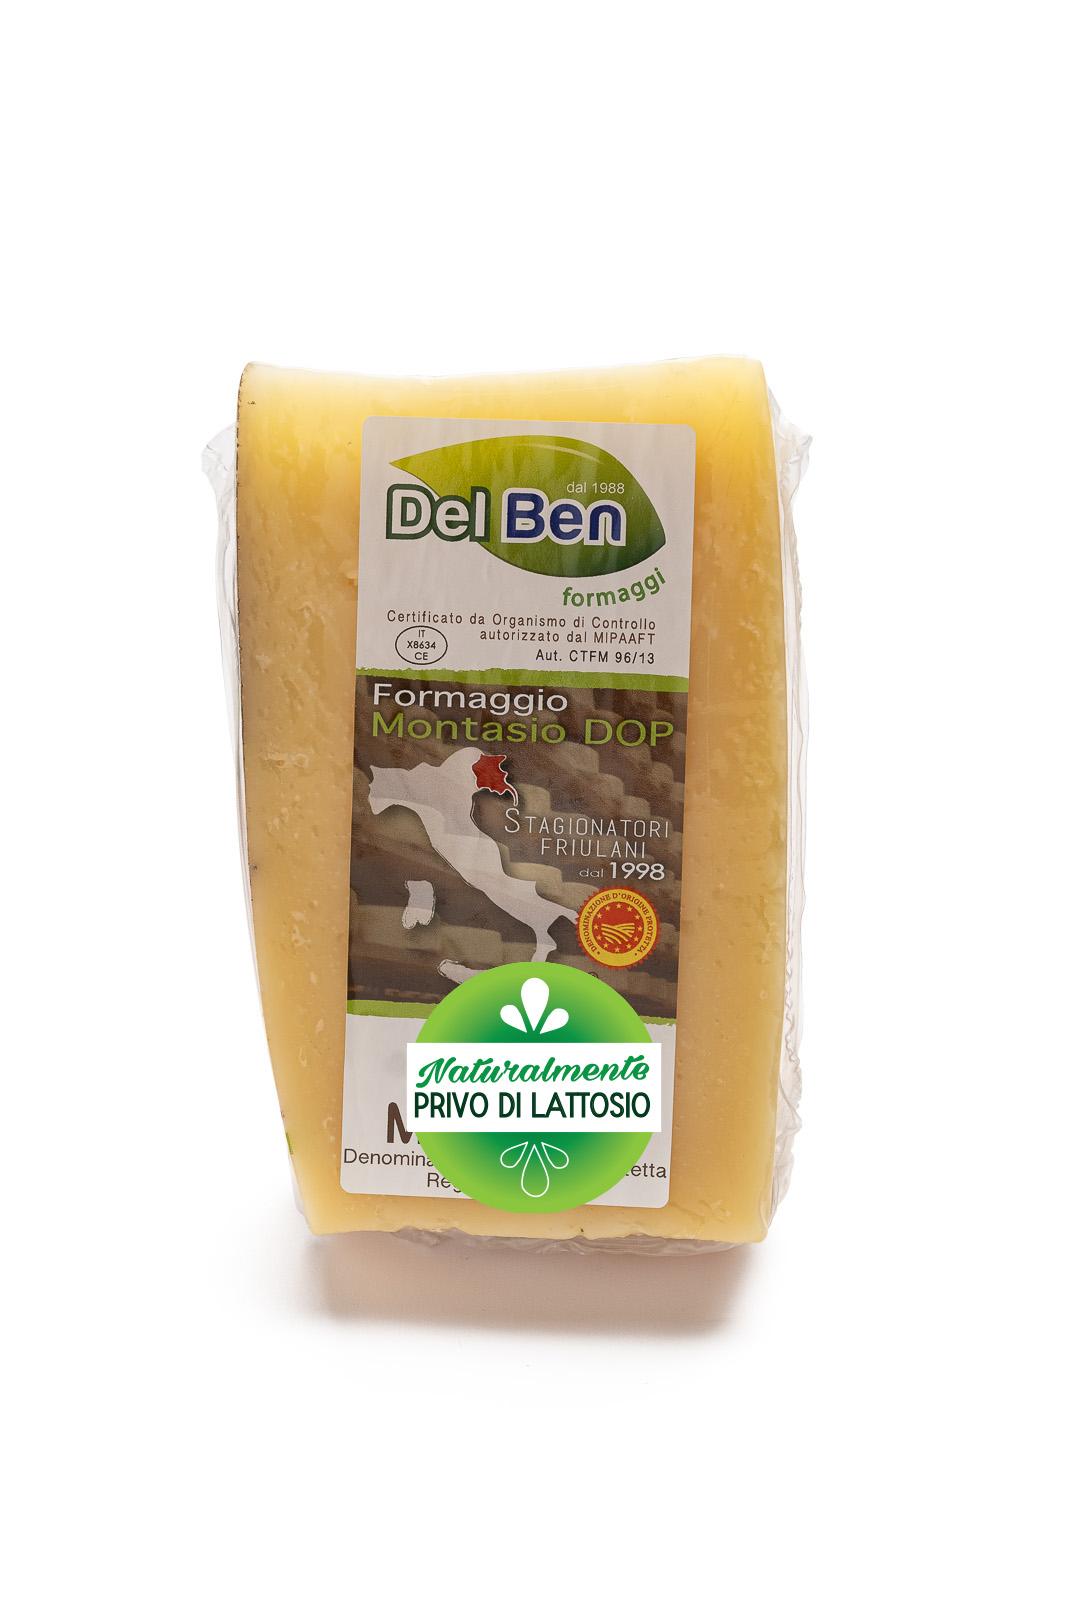 Formaggio - senza lattosio - Montasio vecchio - DOP PN casello 208 - Del Ben formaggi - 300 g